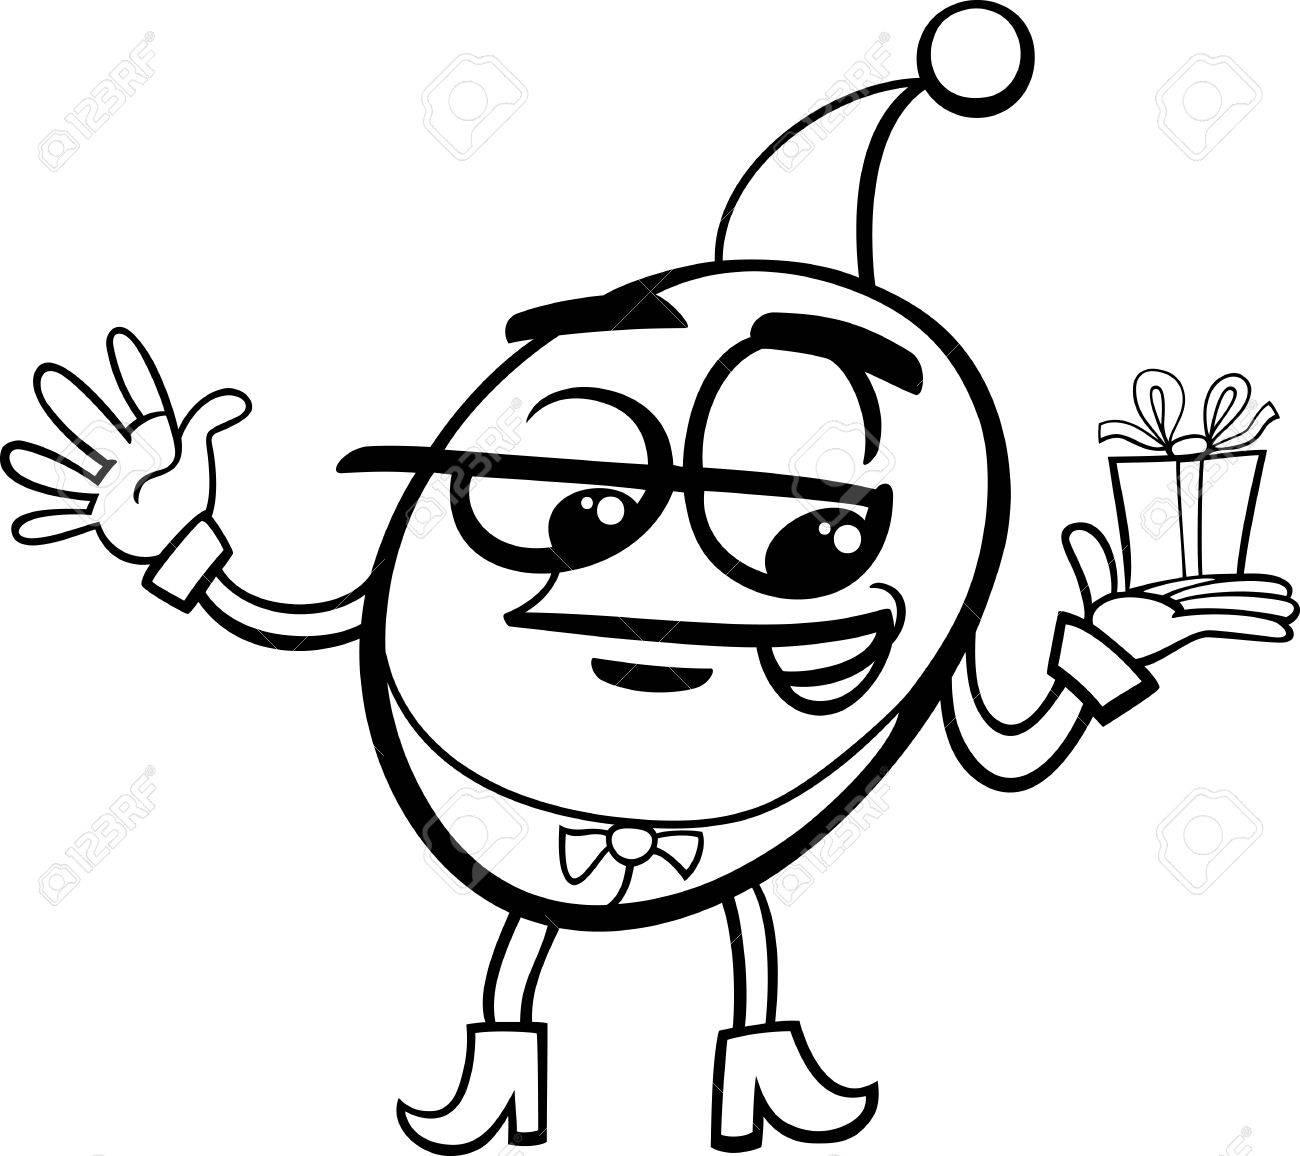 Atemberaubend Geburtstagsgeschenke Malvorlagen Fotos - Malvorlagen ...